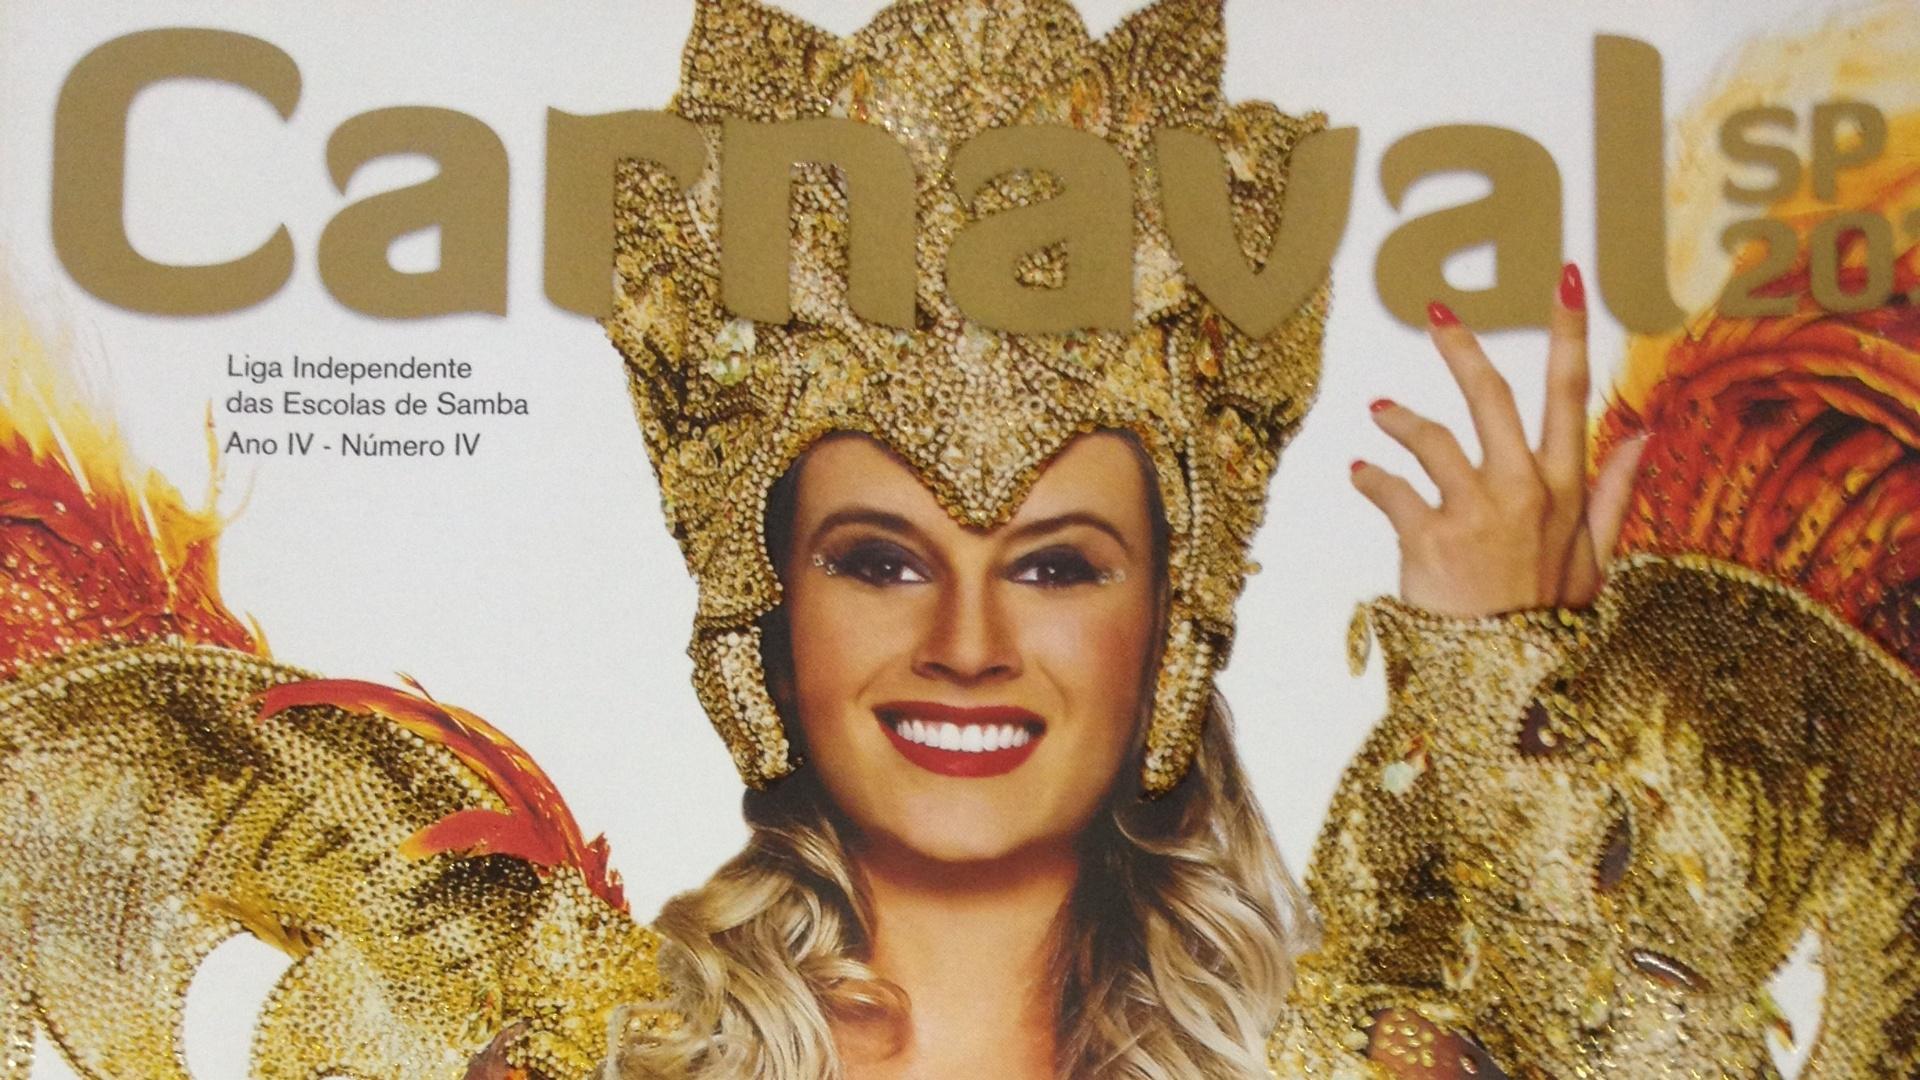 Ex-panicat Juju Salimeni estampa capa da revista da Liga de Carnaval de São Paulo 2013